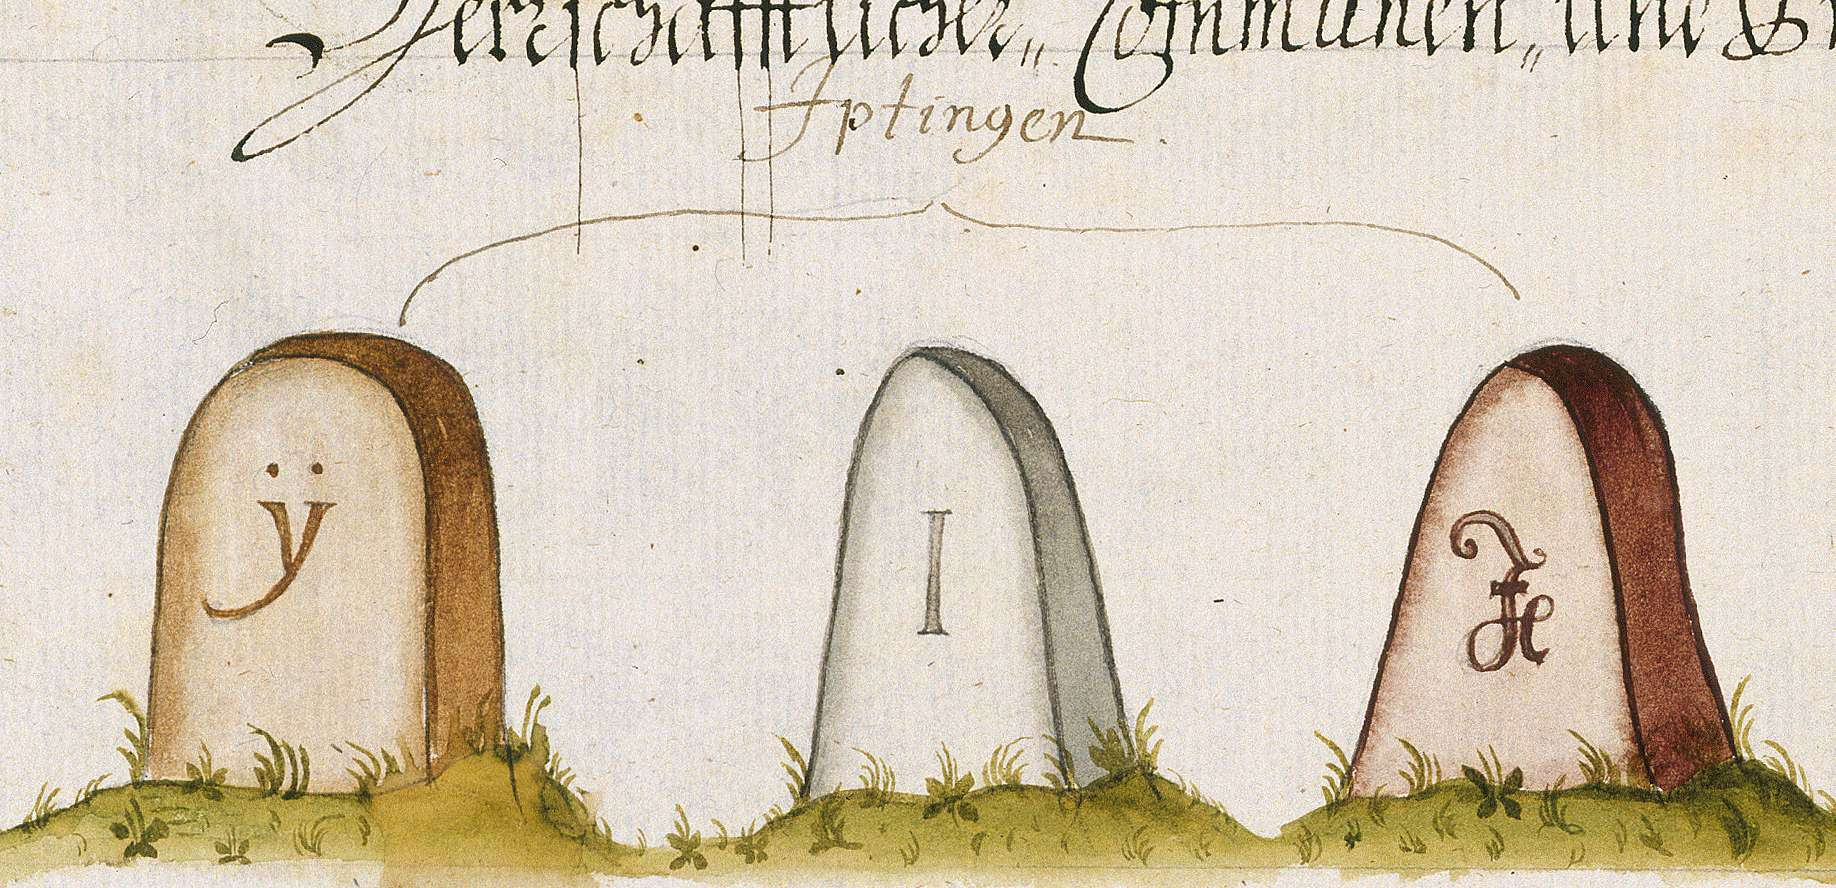 Iptingen, Wiernsheim, PF (Leonberger Forst, Marksteinzeichen III), Bild 1